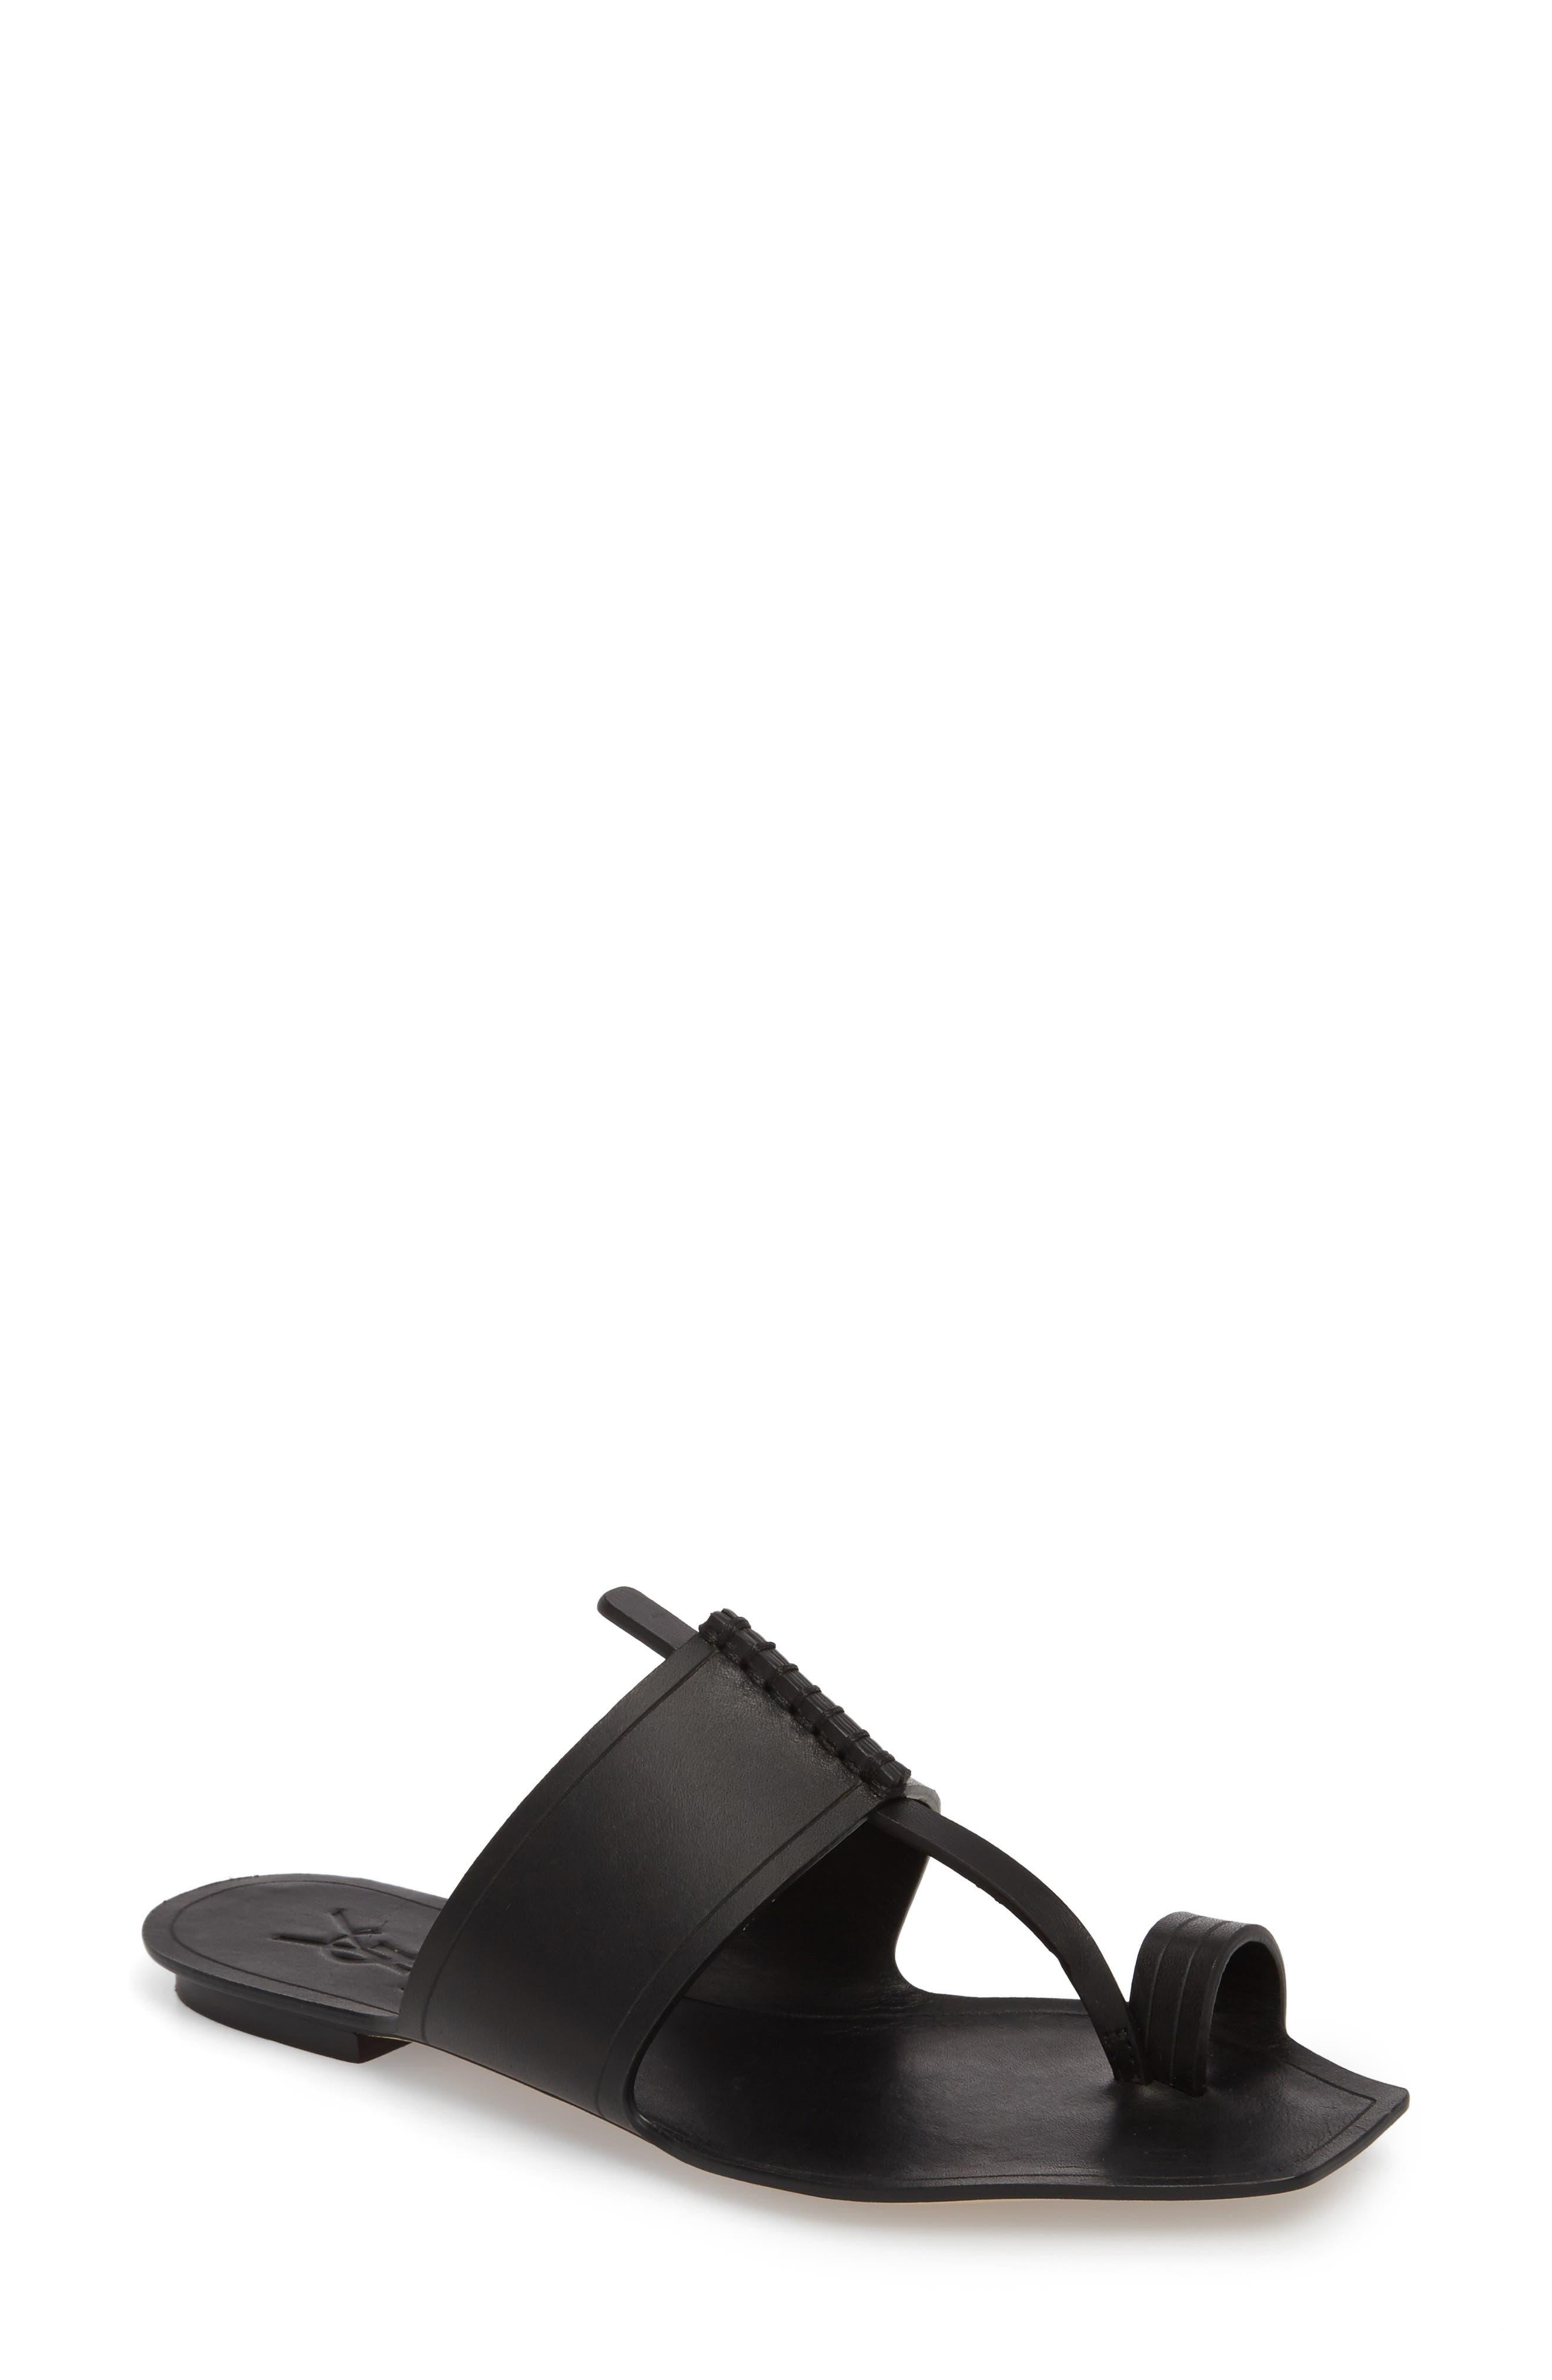 Main Image - Saint Laurent Toe Loop Sandal (Women)